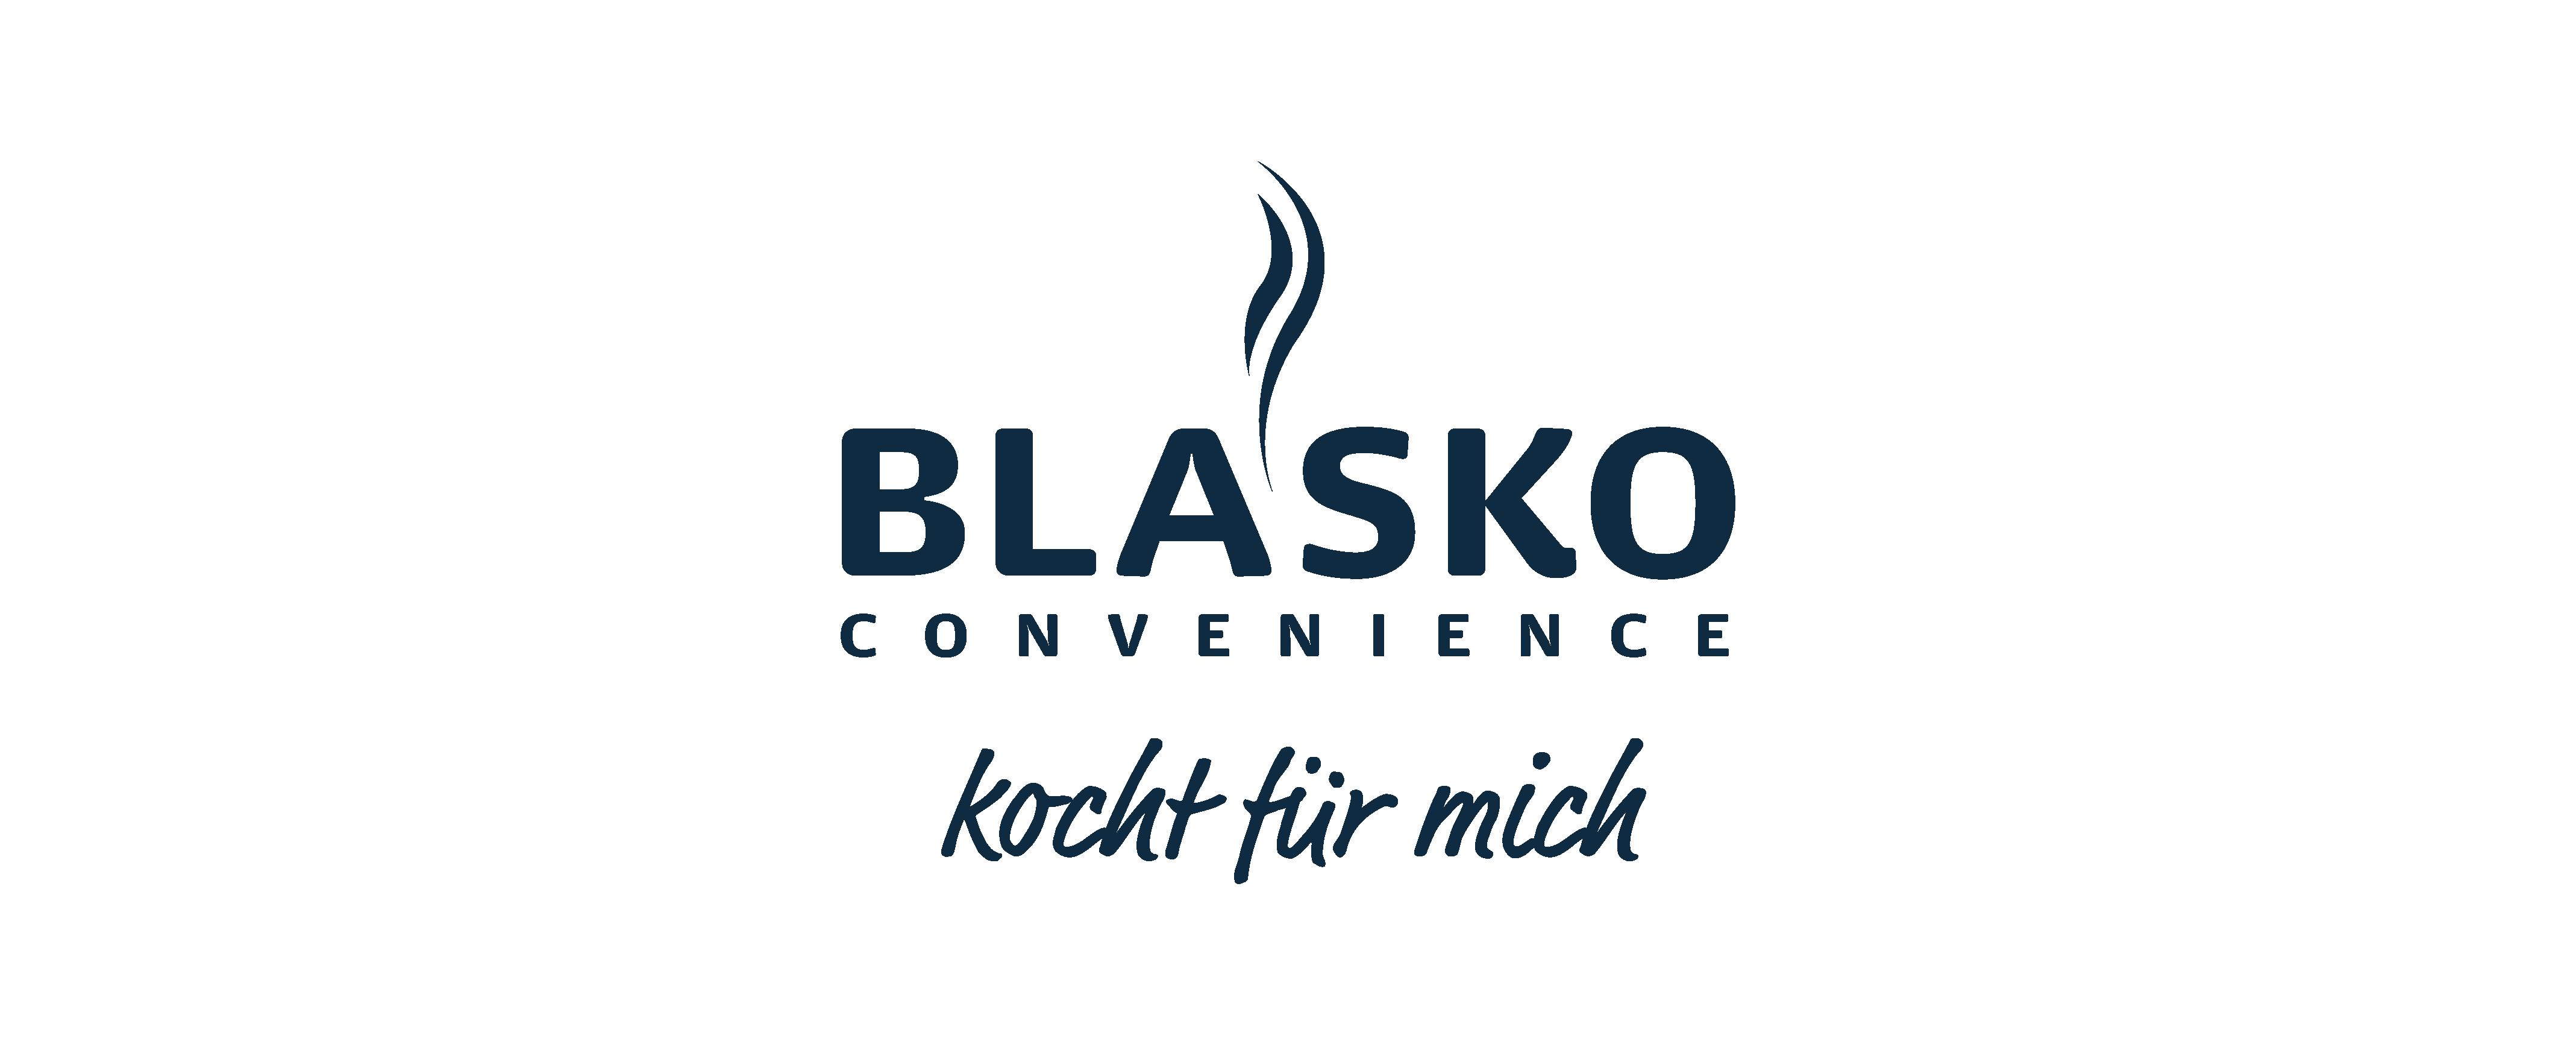 Blasko Convenience